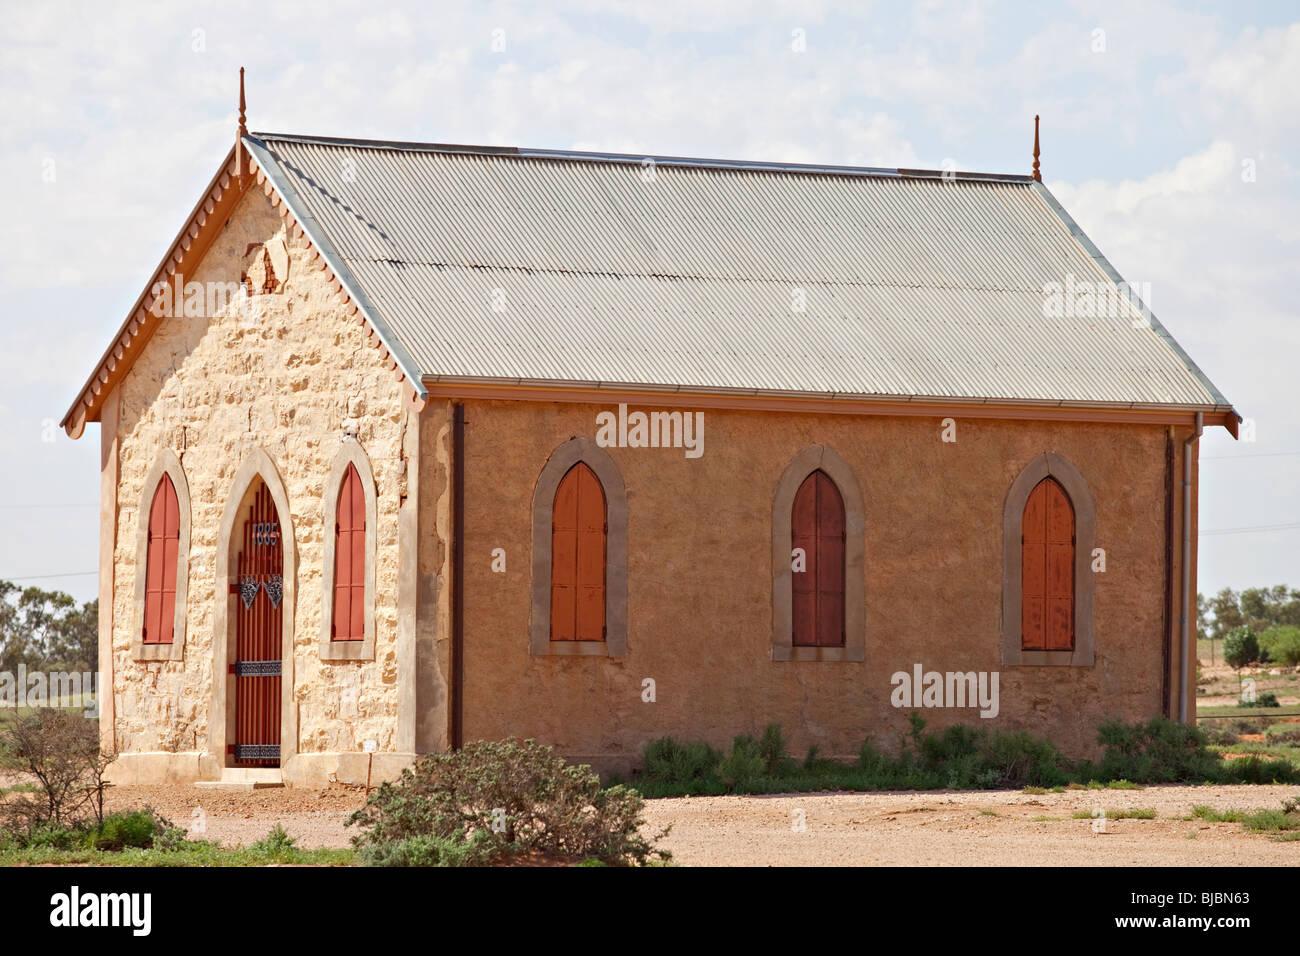 Chiesa Metodista, Silverton vicino a Broken Hill, Outback Australia NSW Immagini Stock